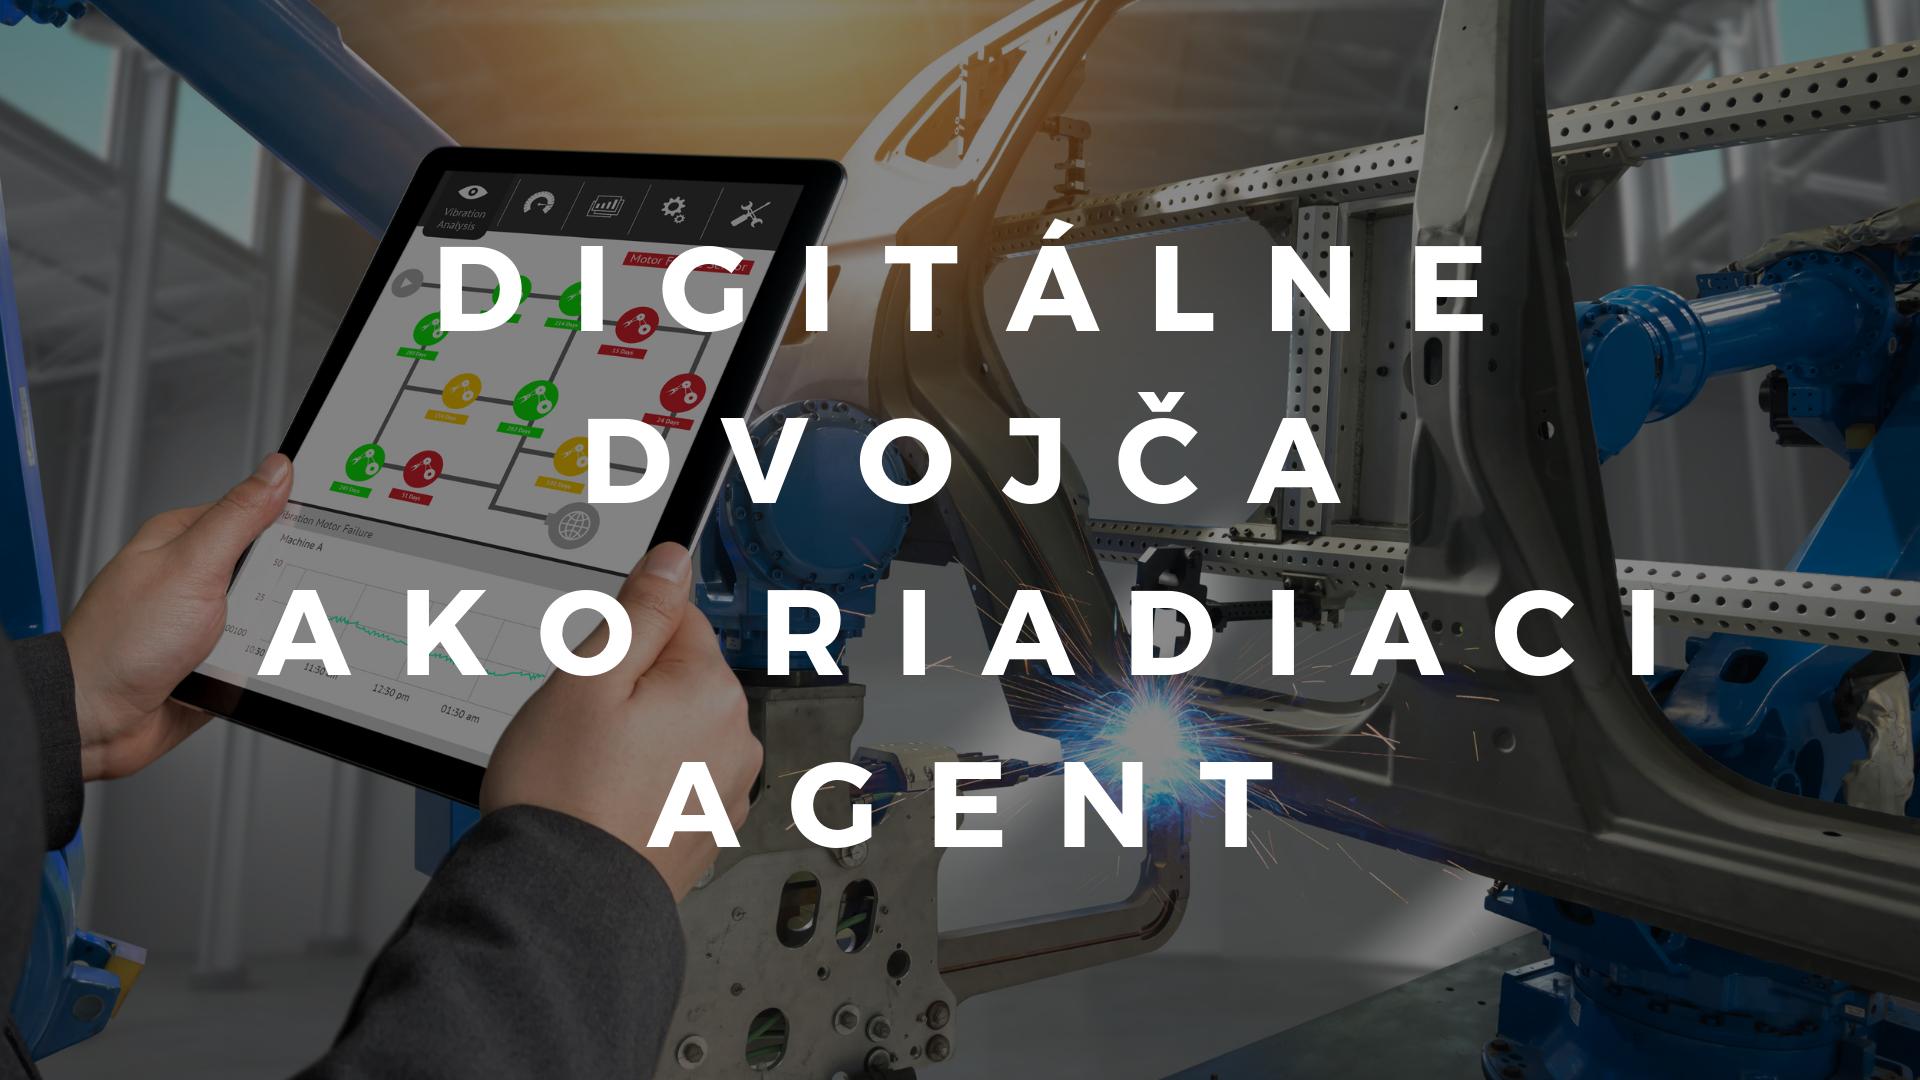 Digitálne dvojča ako riadiaci agent